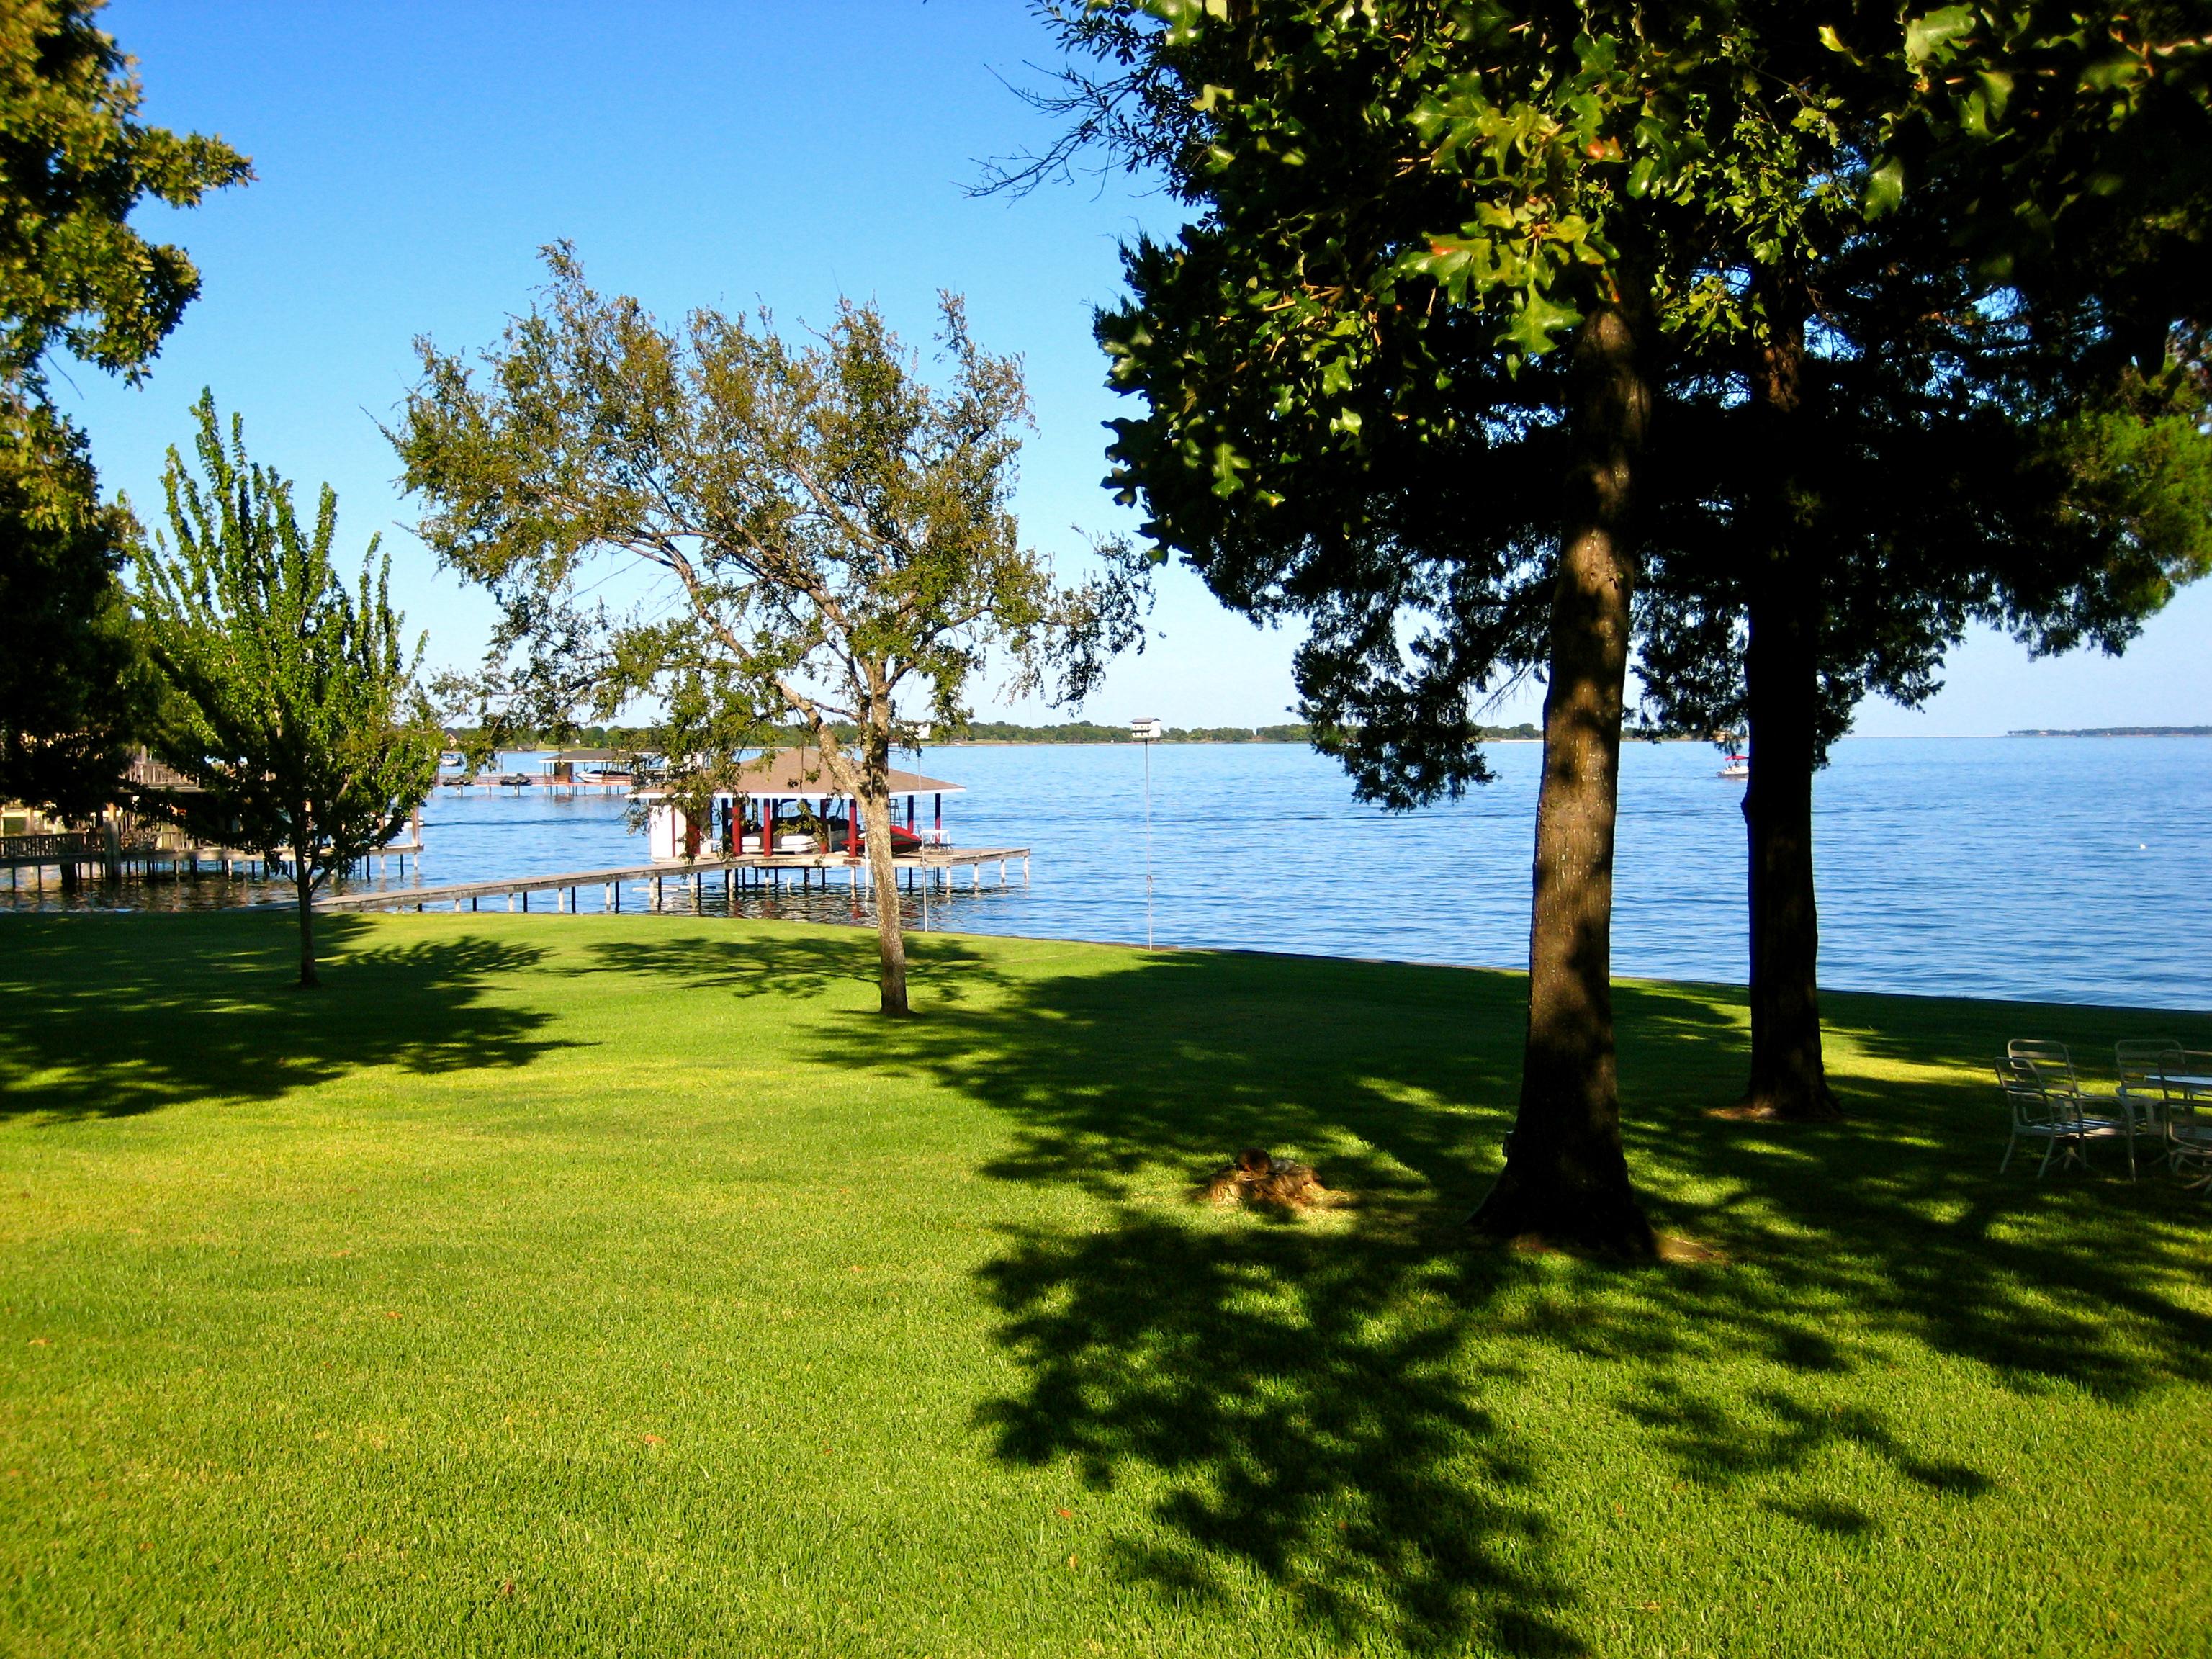 Summer lake memories sarah 39 s musical kitchen for Summer lake